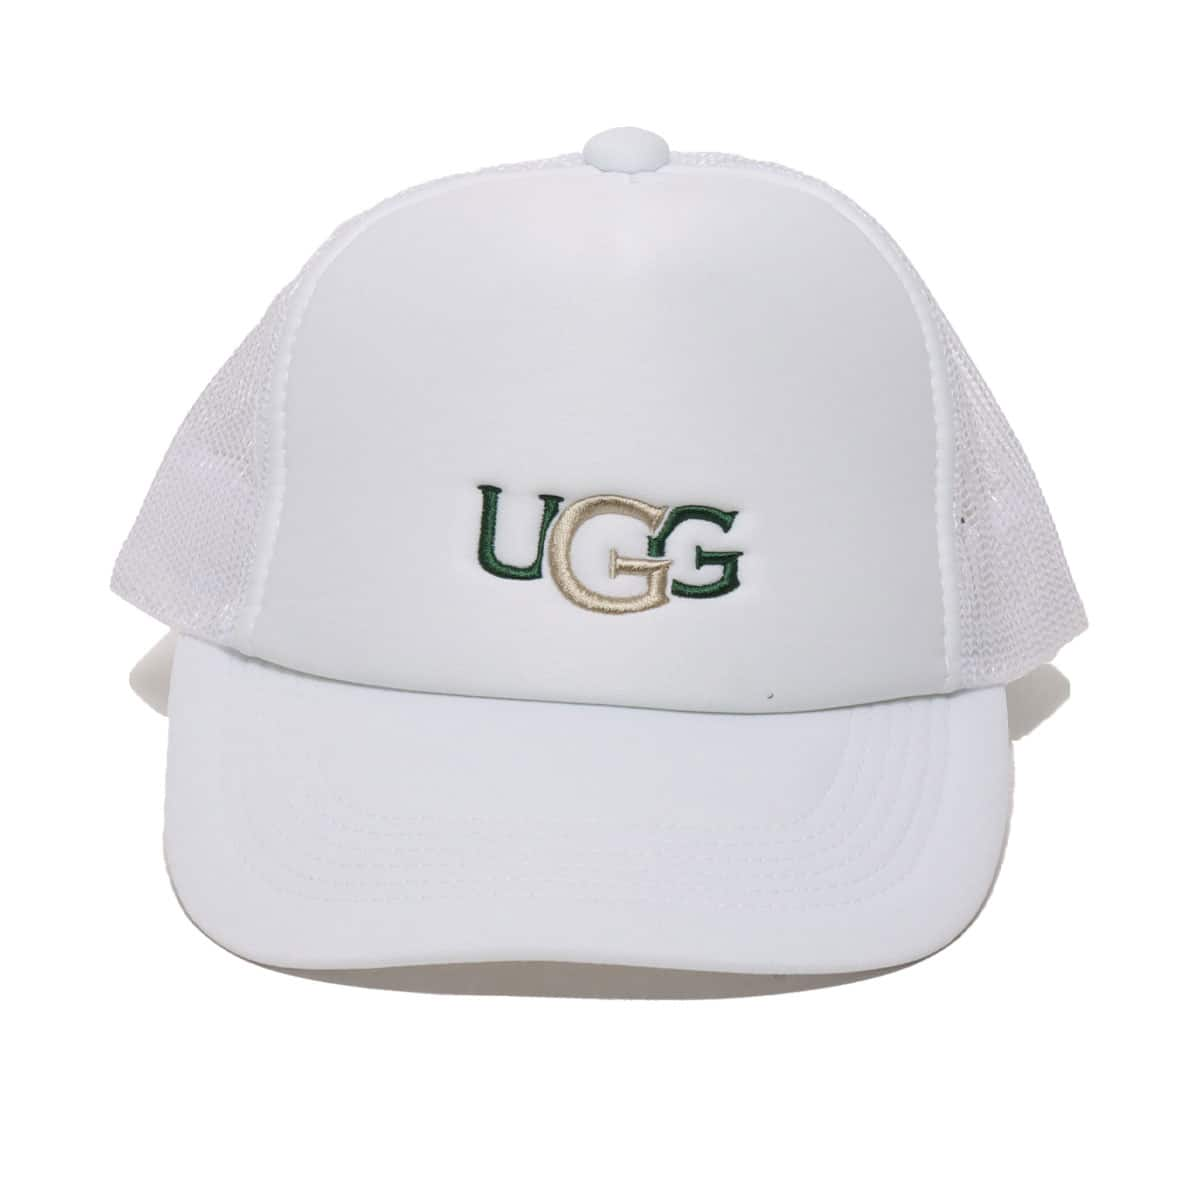 UGG ロゴ メッシュキャップ WHITE 21SS-I_photo_large